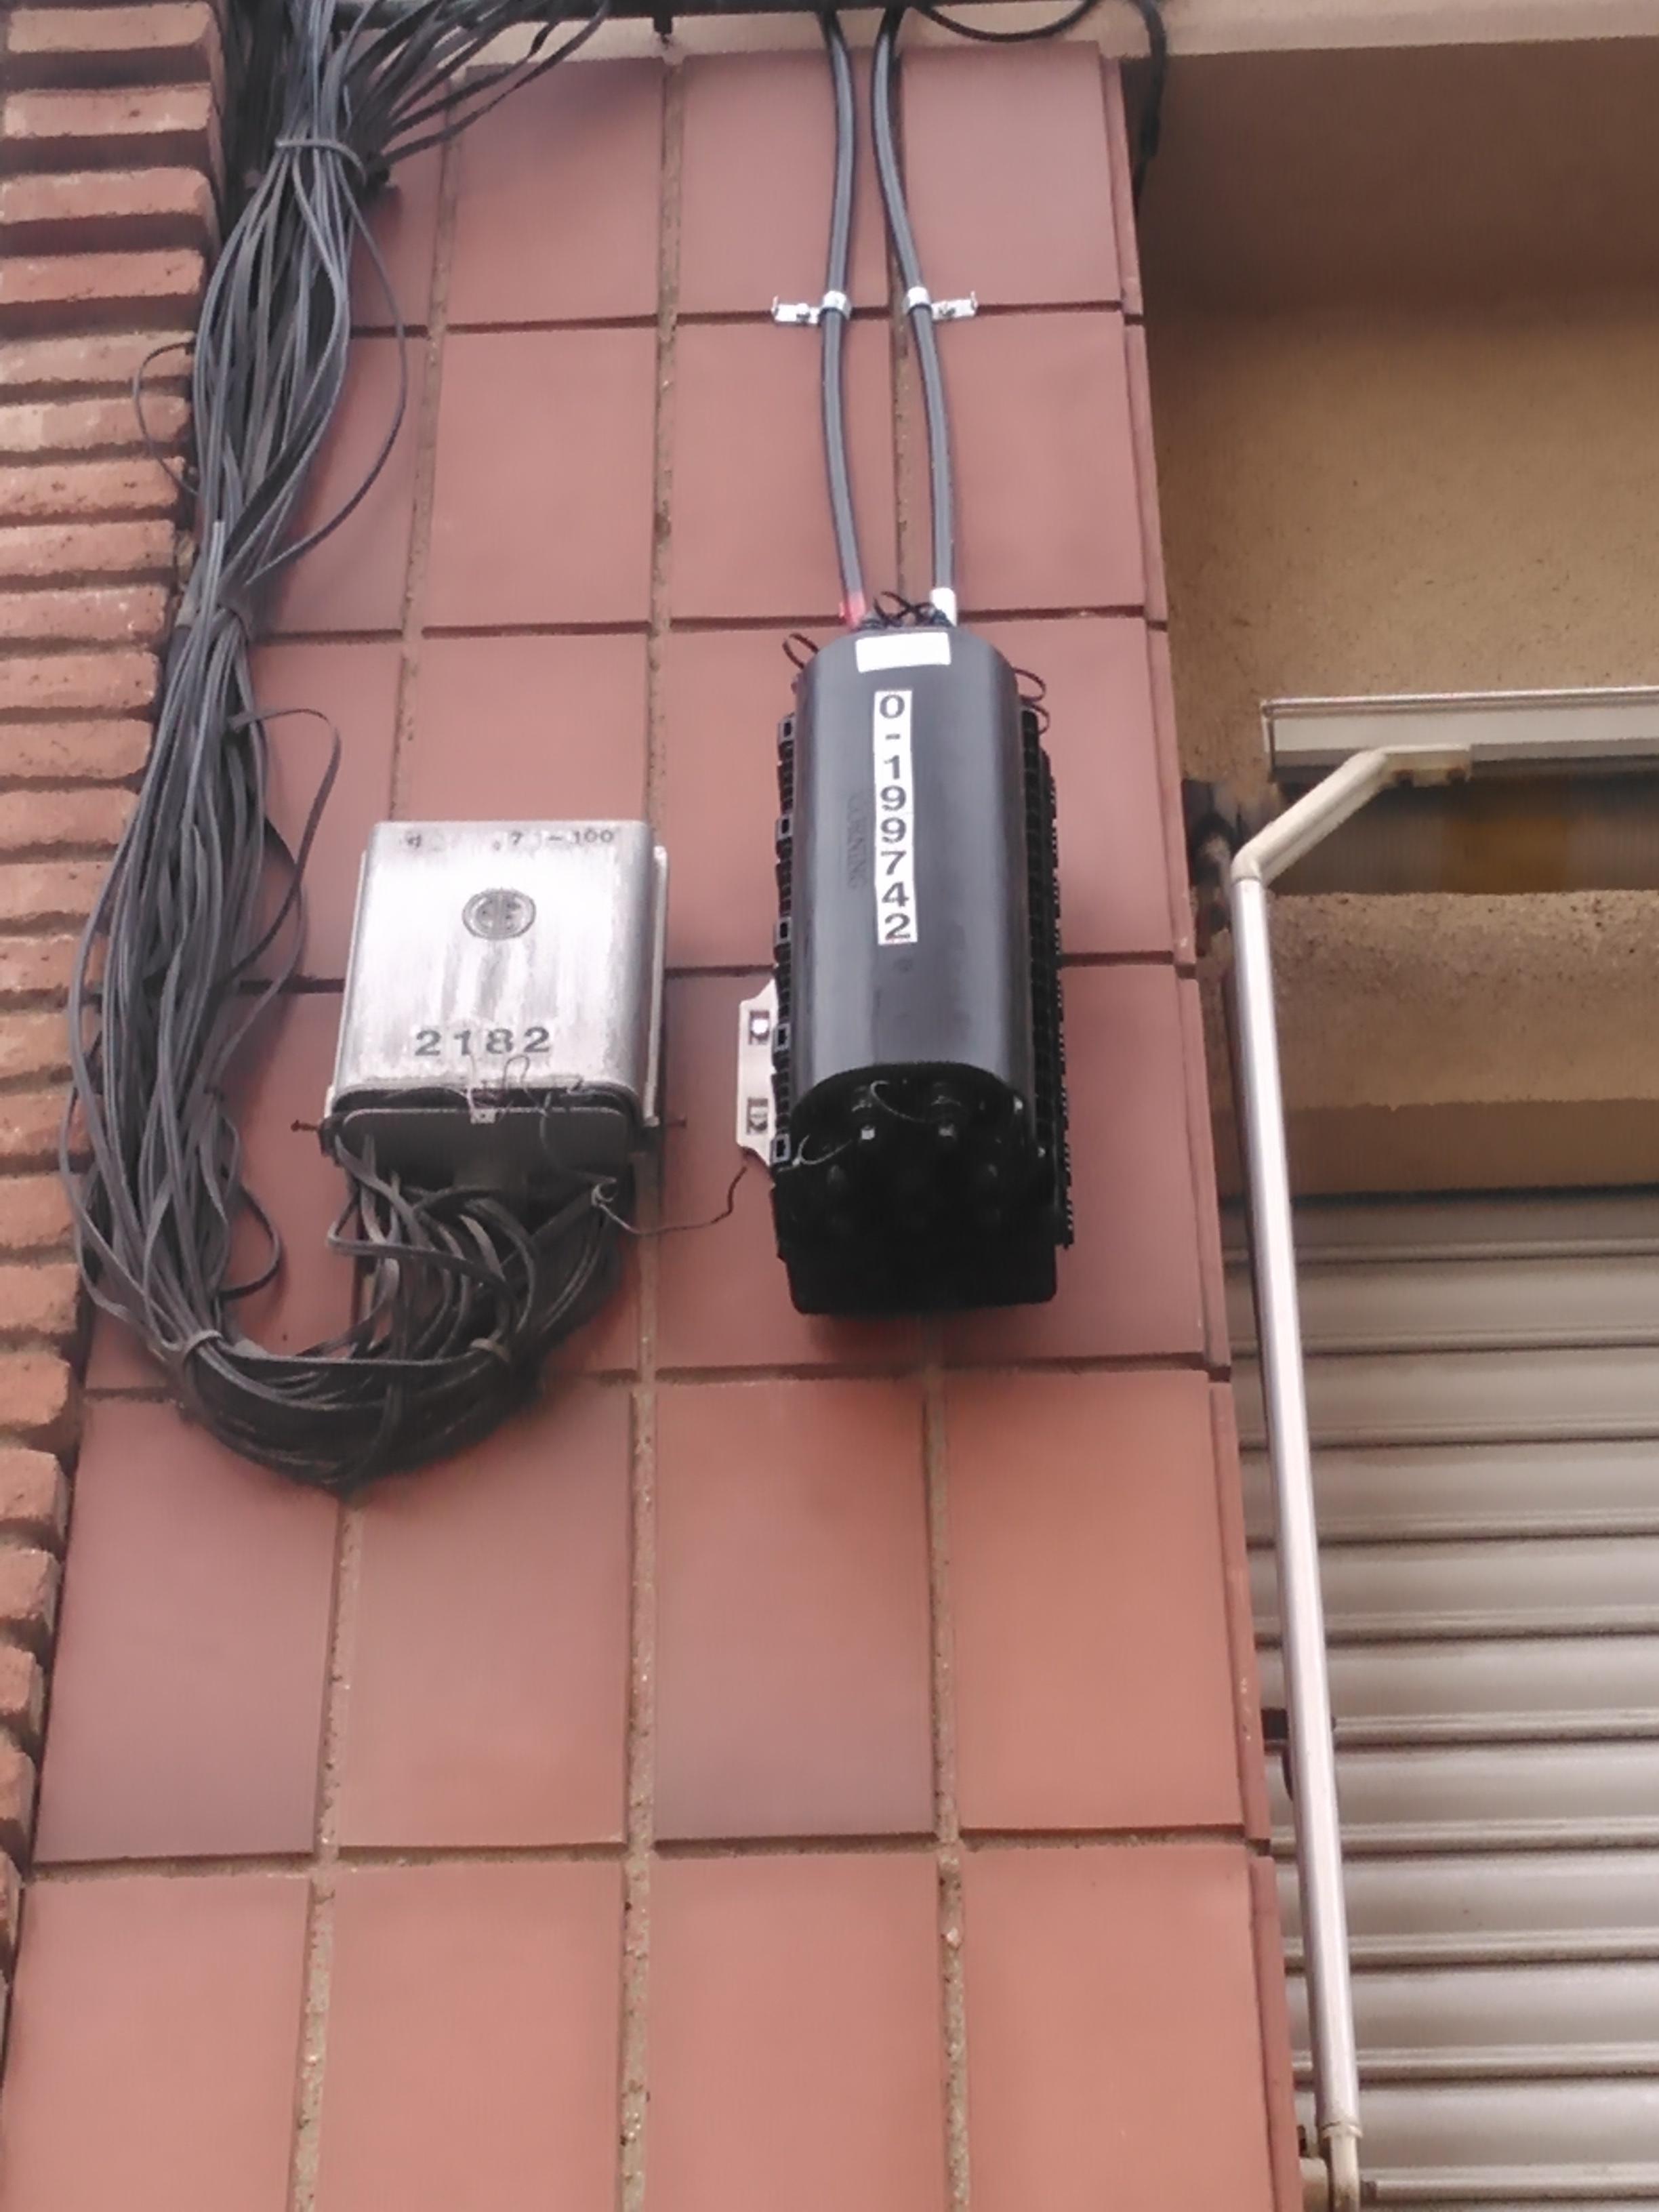 Cuanto habr servicio en montmelo comunidad movistar - Fibra optica en casa ...